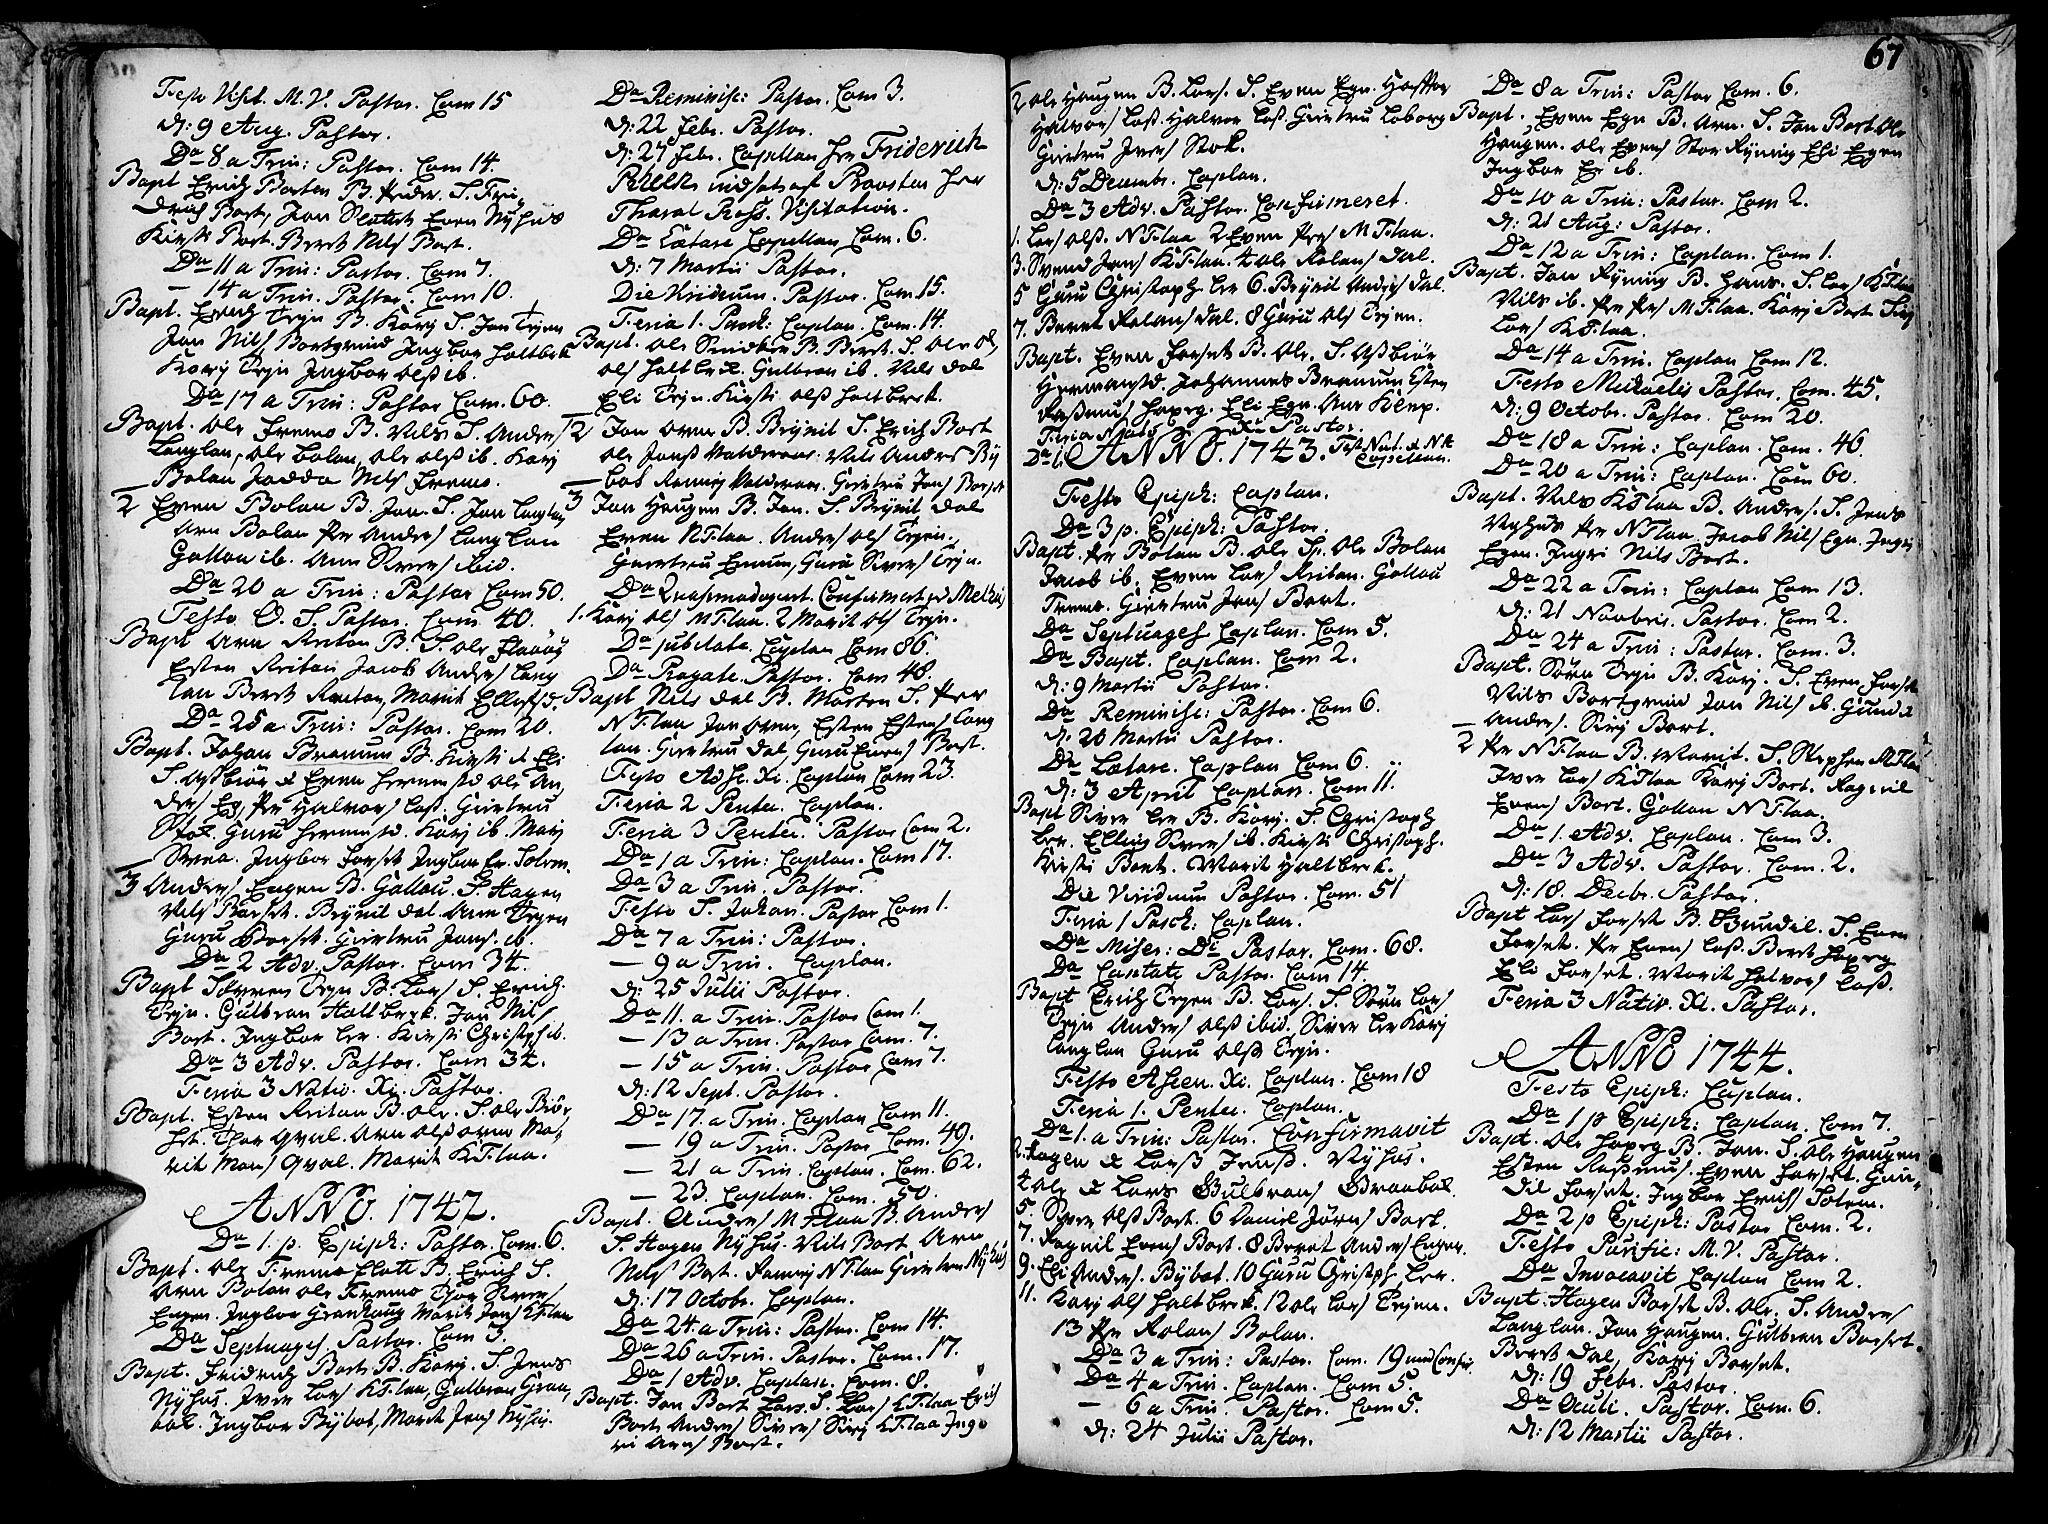 SAT, Ministerialprotokoller, klokkerbøker og fødselsregistre - Sør-Trøndelag, 691/L1058: Ministerialbok nr. 691A01 /2, 1740-1767, s. 67